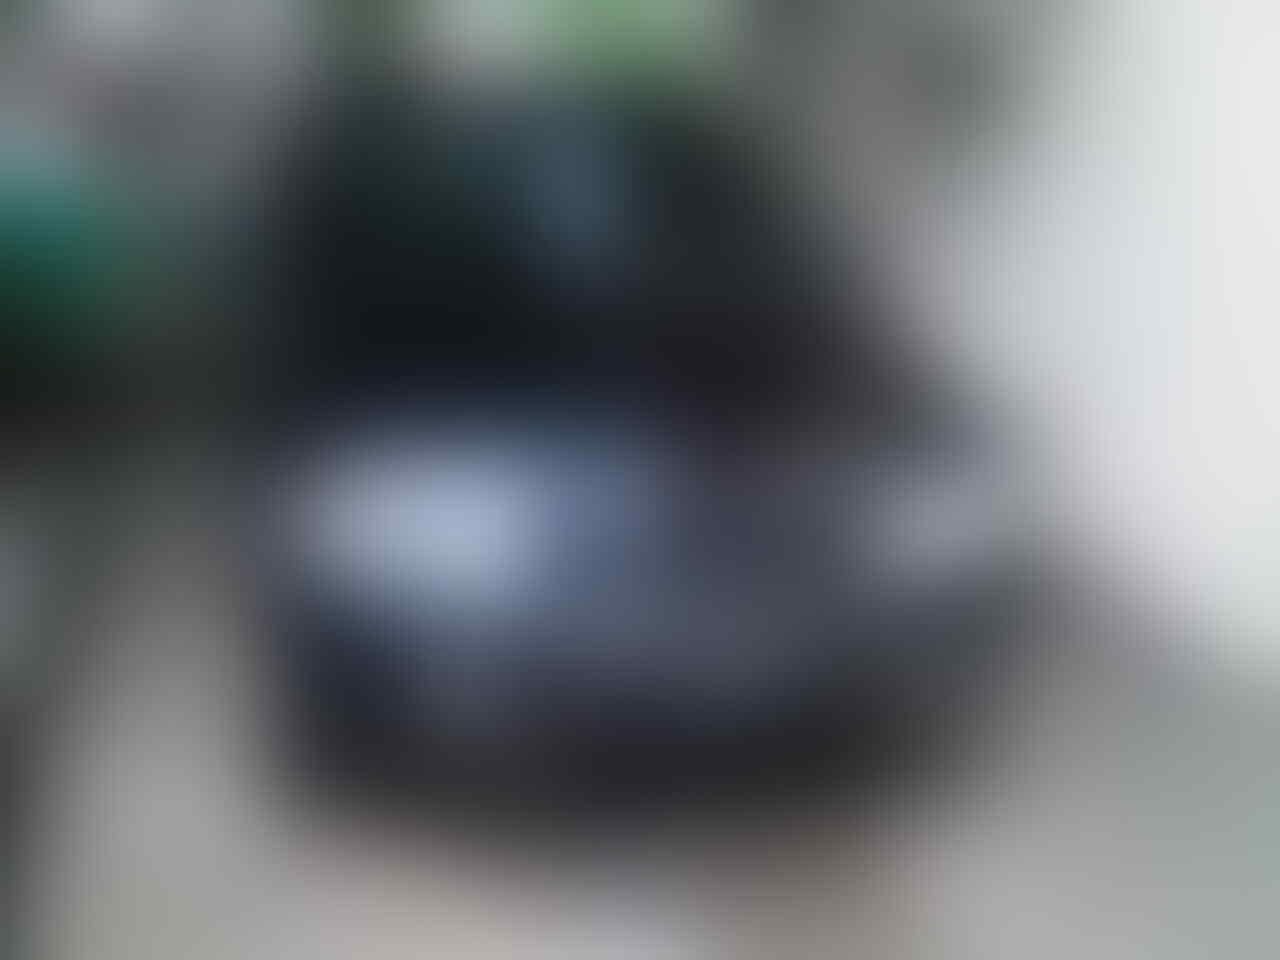 Isuzu New Panther LV Turbo 2.5L